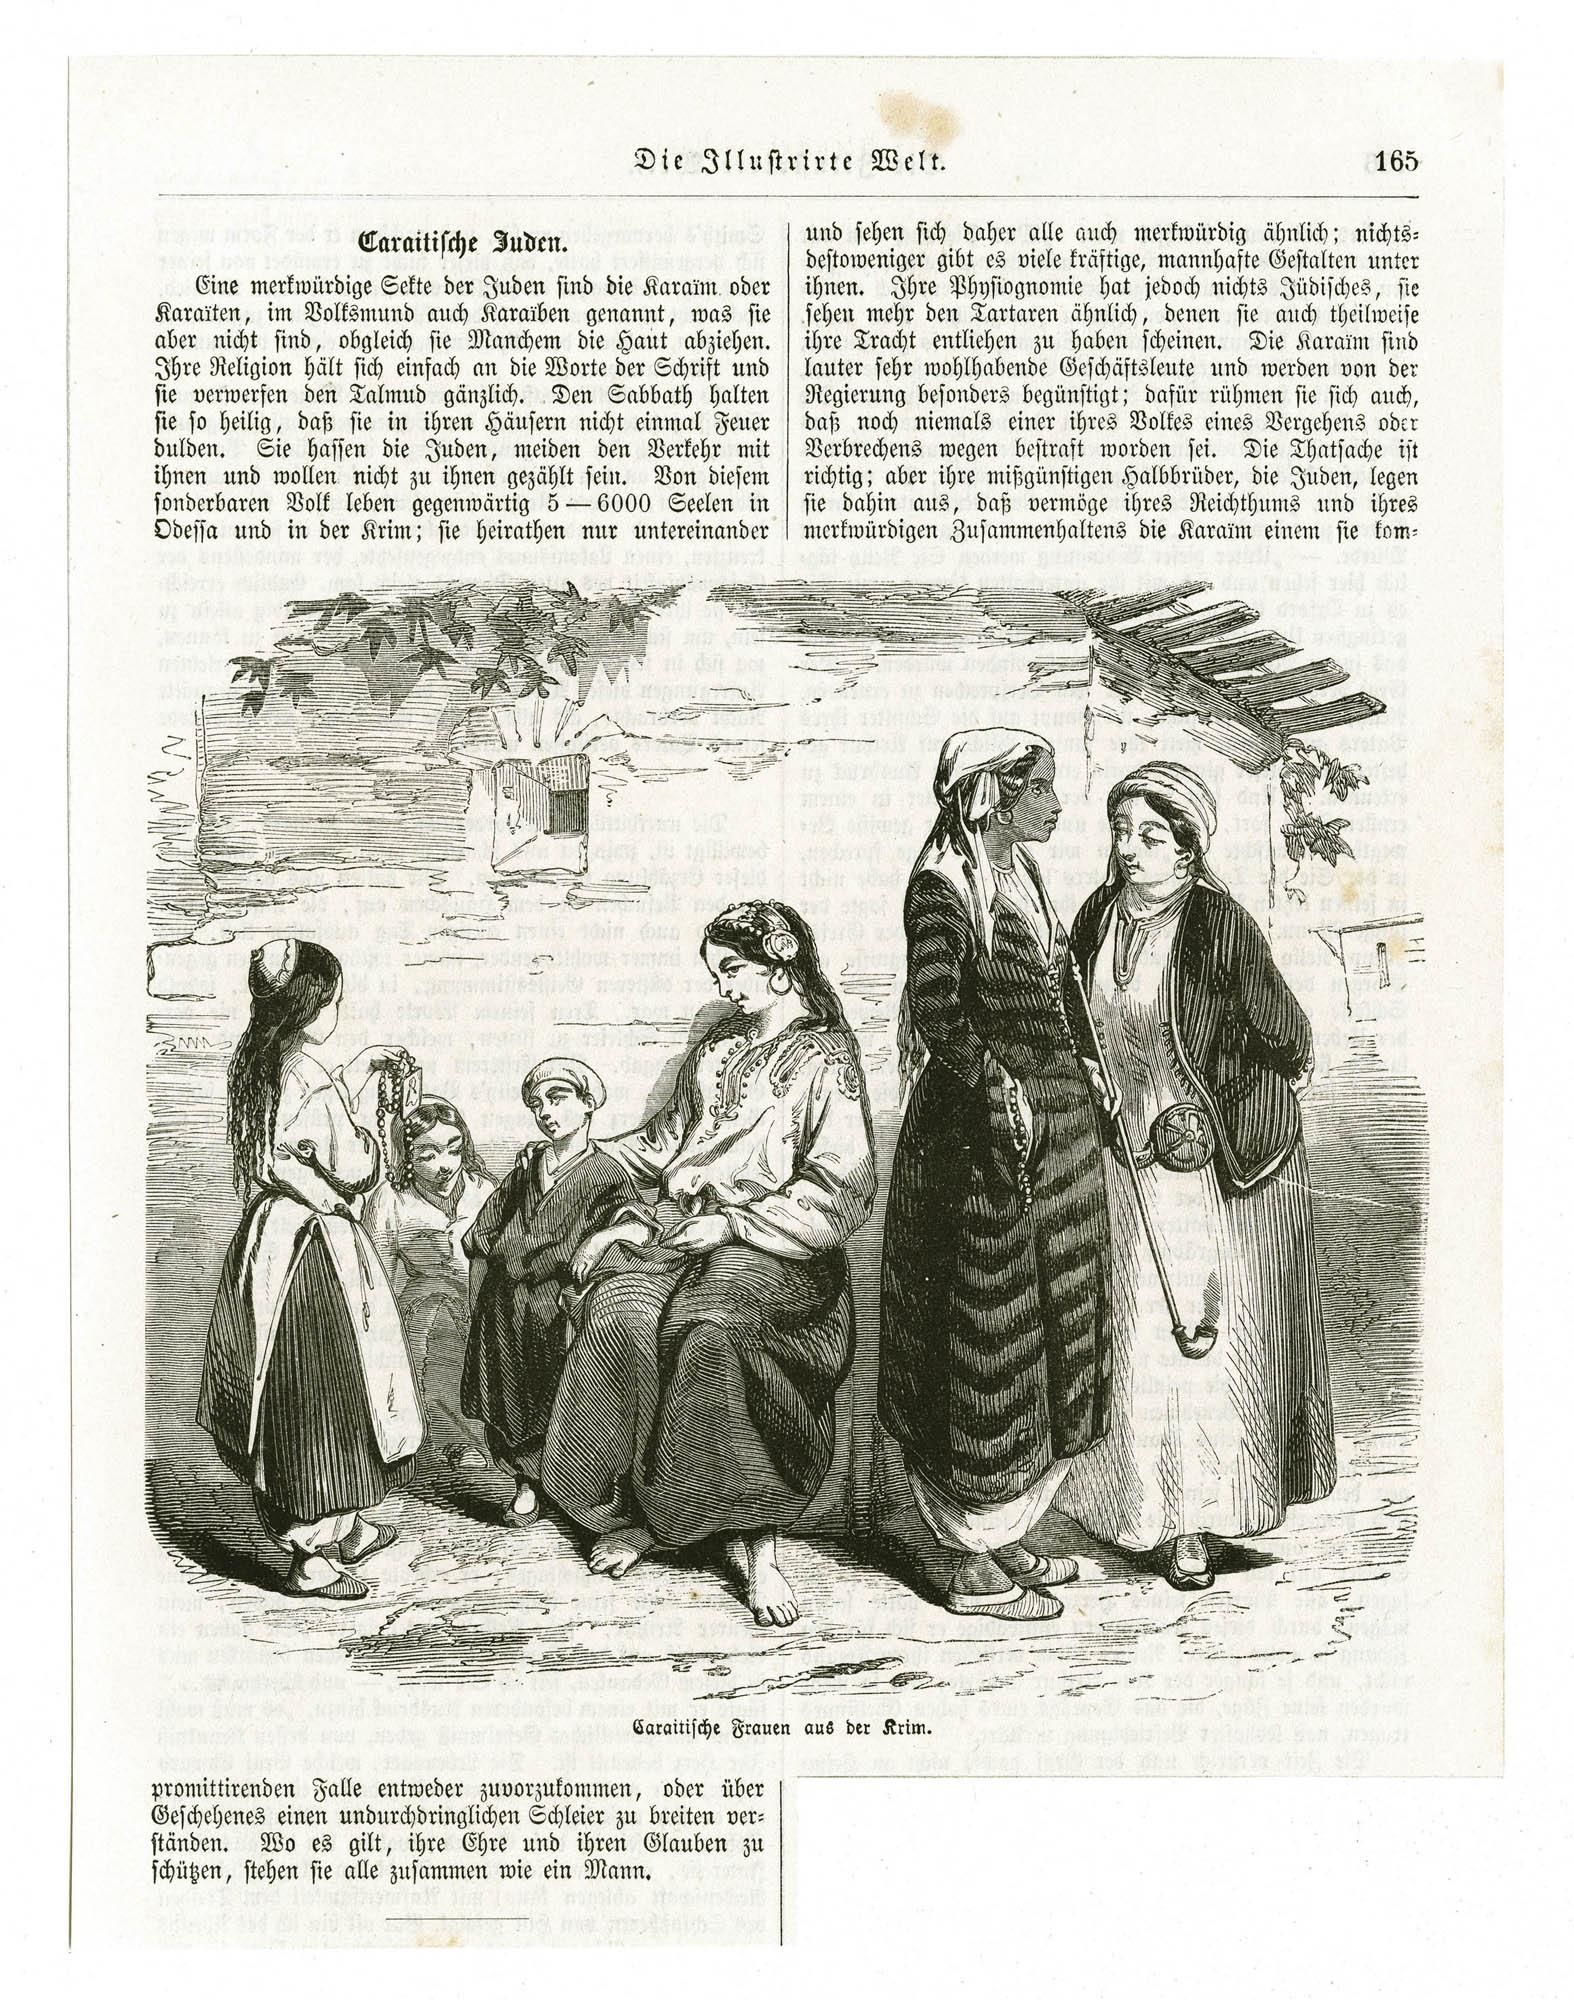 Caraitiche Frauen aus der Krim